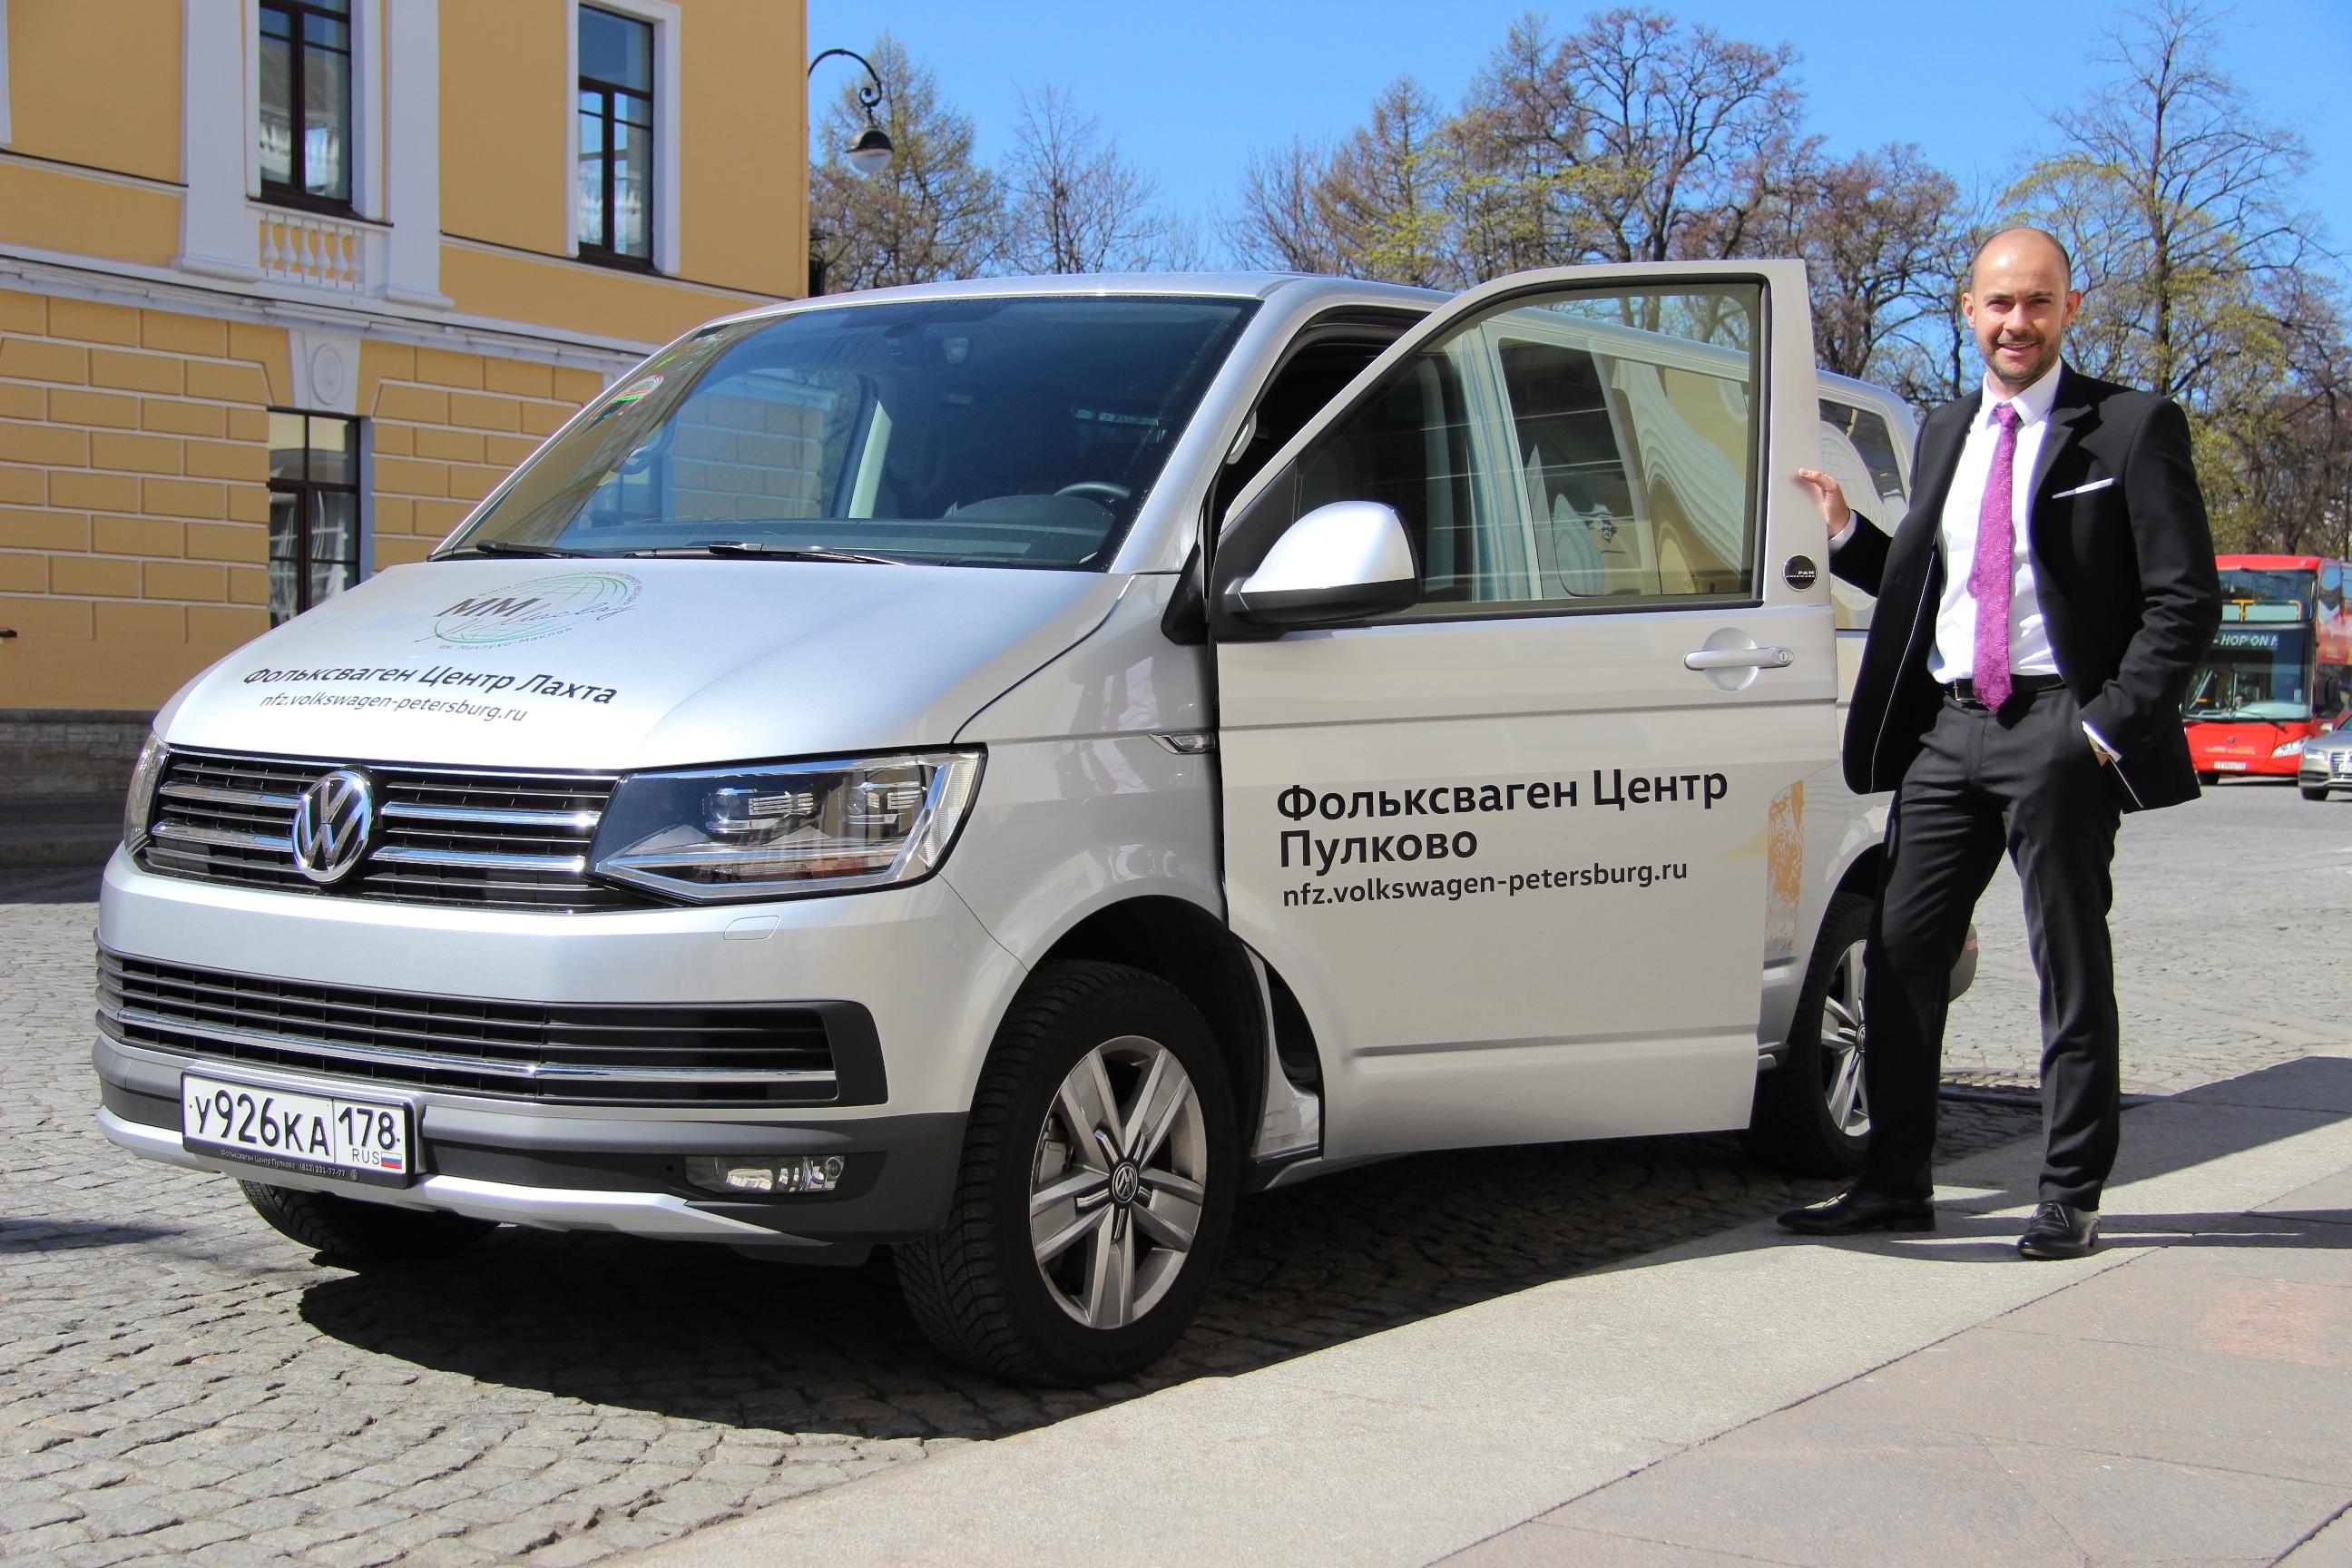 Фольксваген Центры ГК Wagner выступили автомобильным партнером проекта «Миклухо-Маклай XXI век»